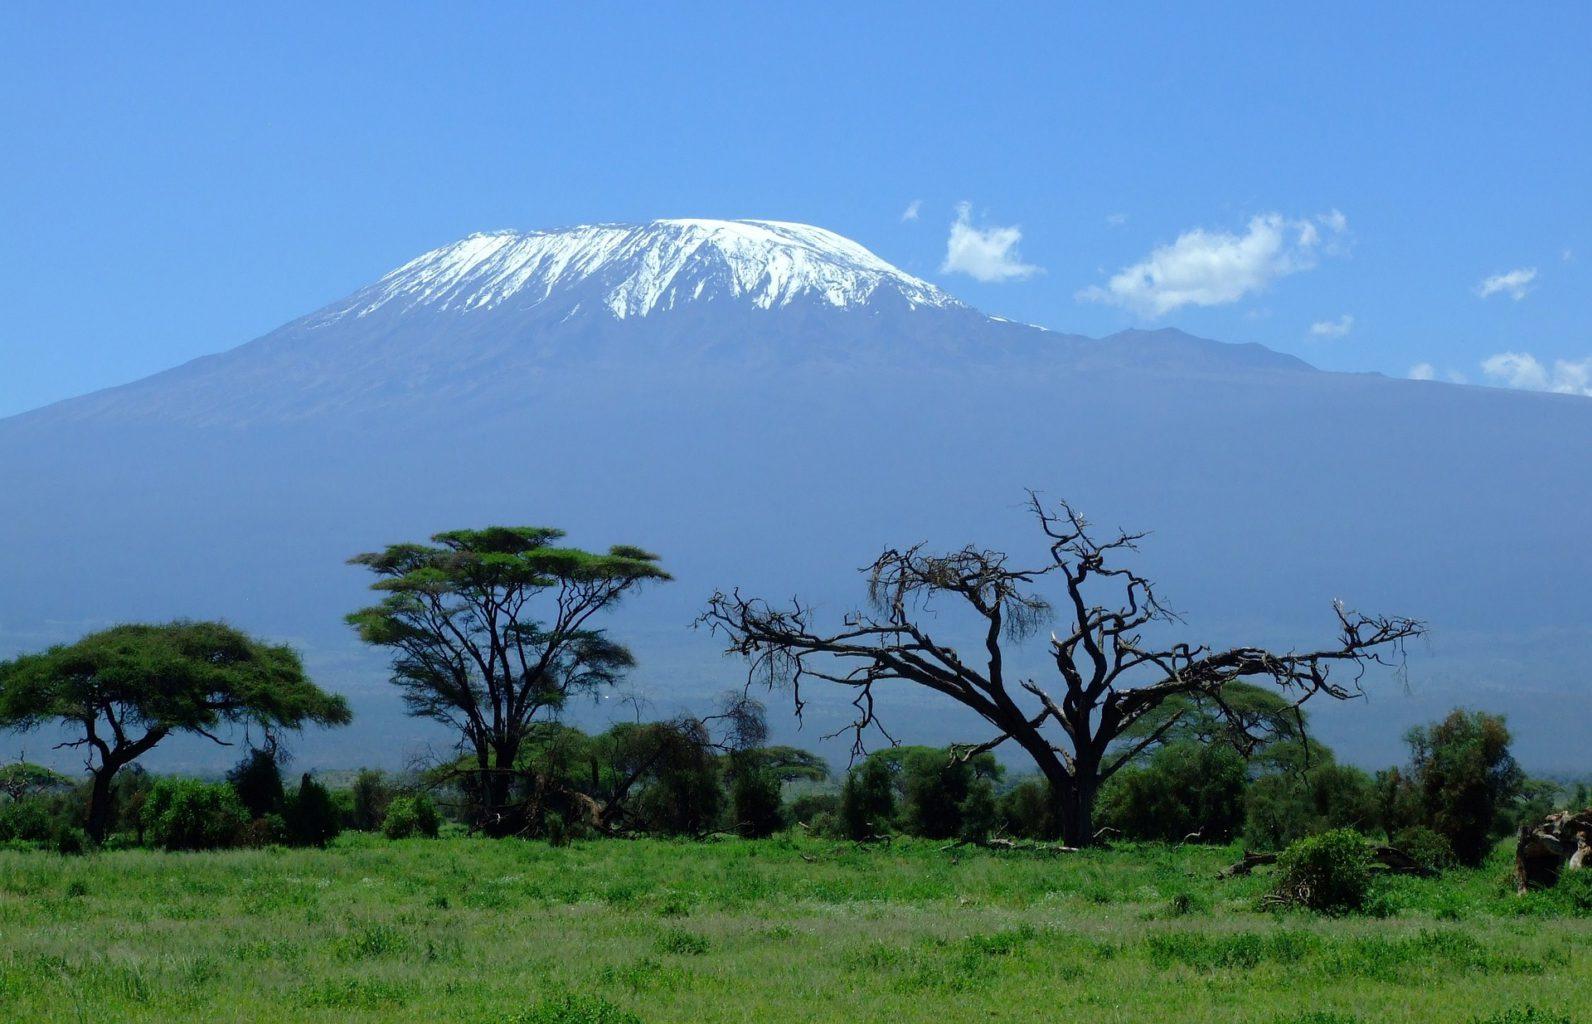 Montagne-Kilimanjaro